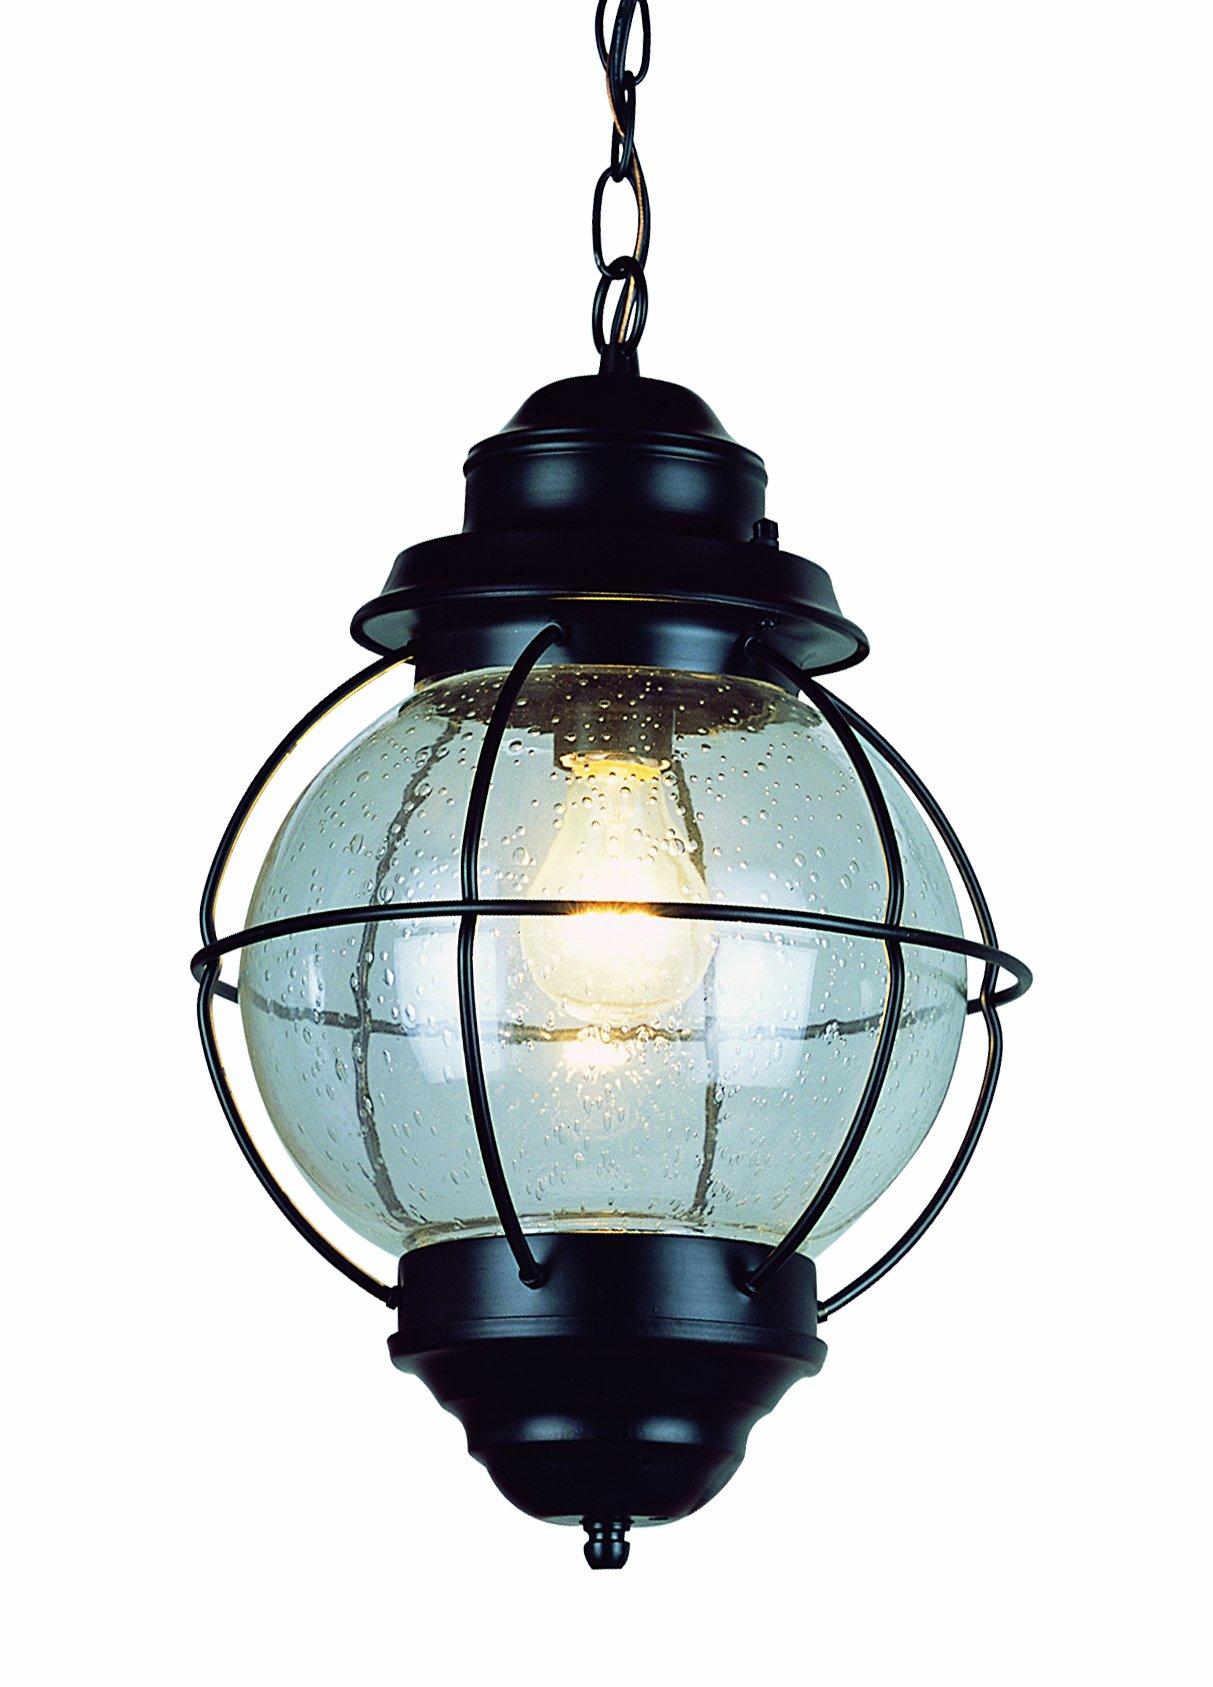 Trans Globe Lighting 69903 BK Outdoor Catalina 13.5'' Hanging Lantern, Black